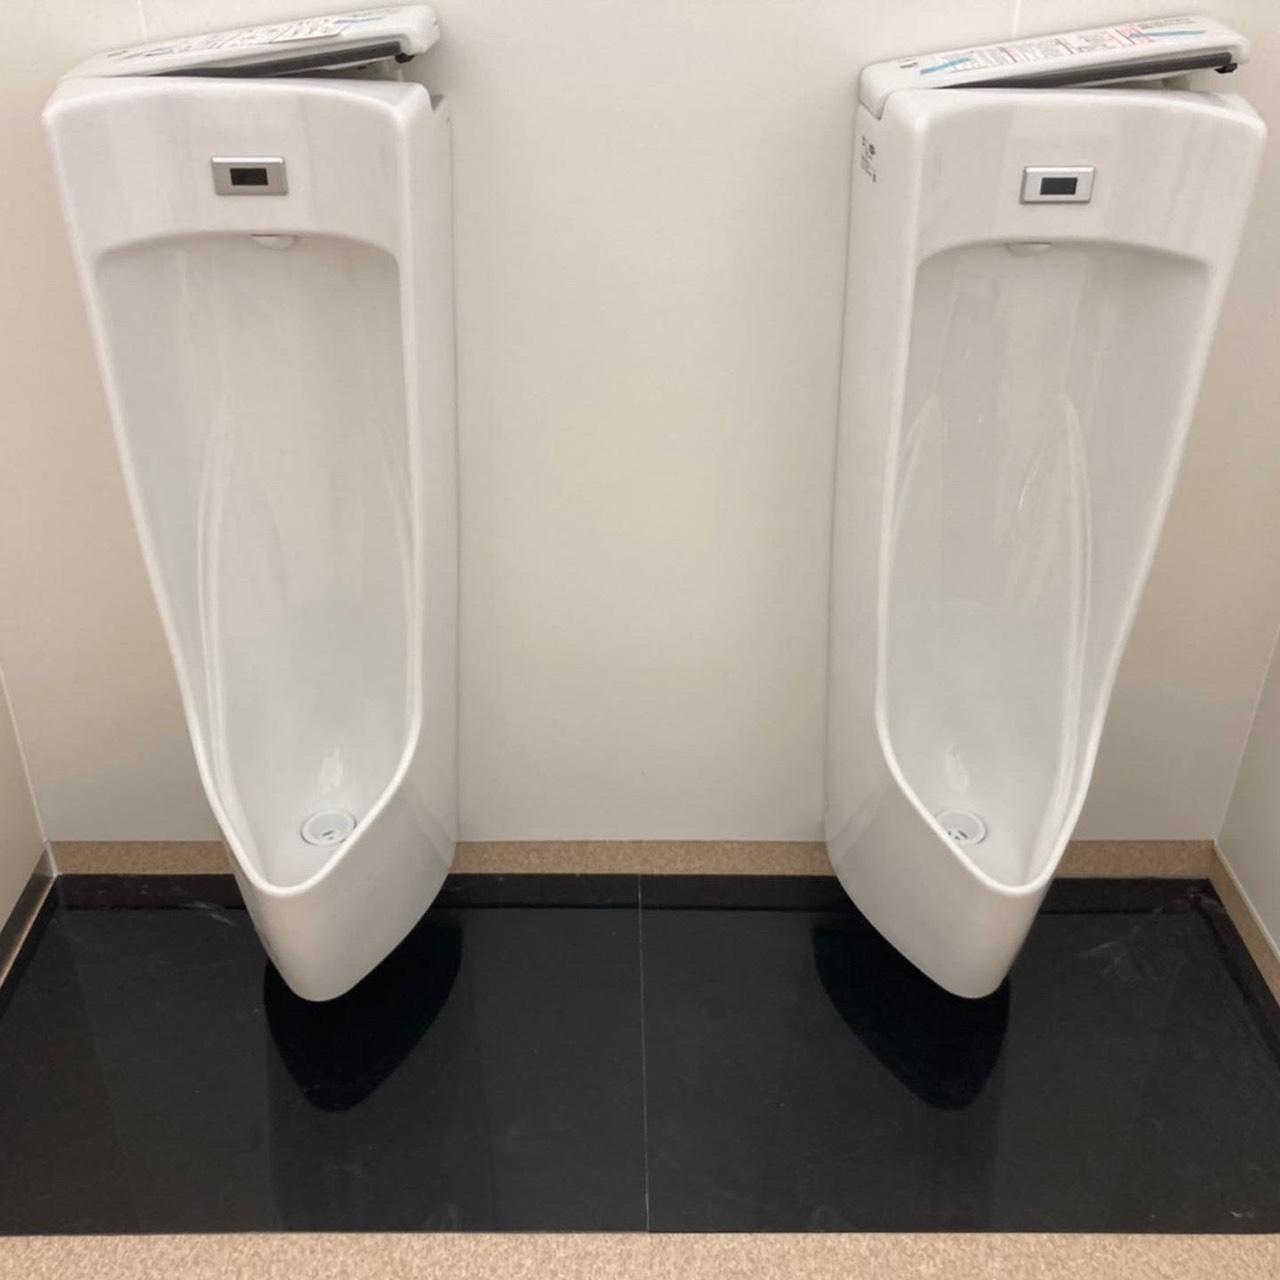 愛知県春日井市 商業施設 給排水衛生工事 終盤